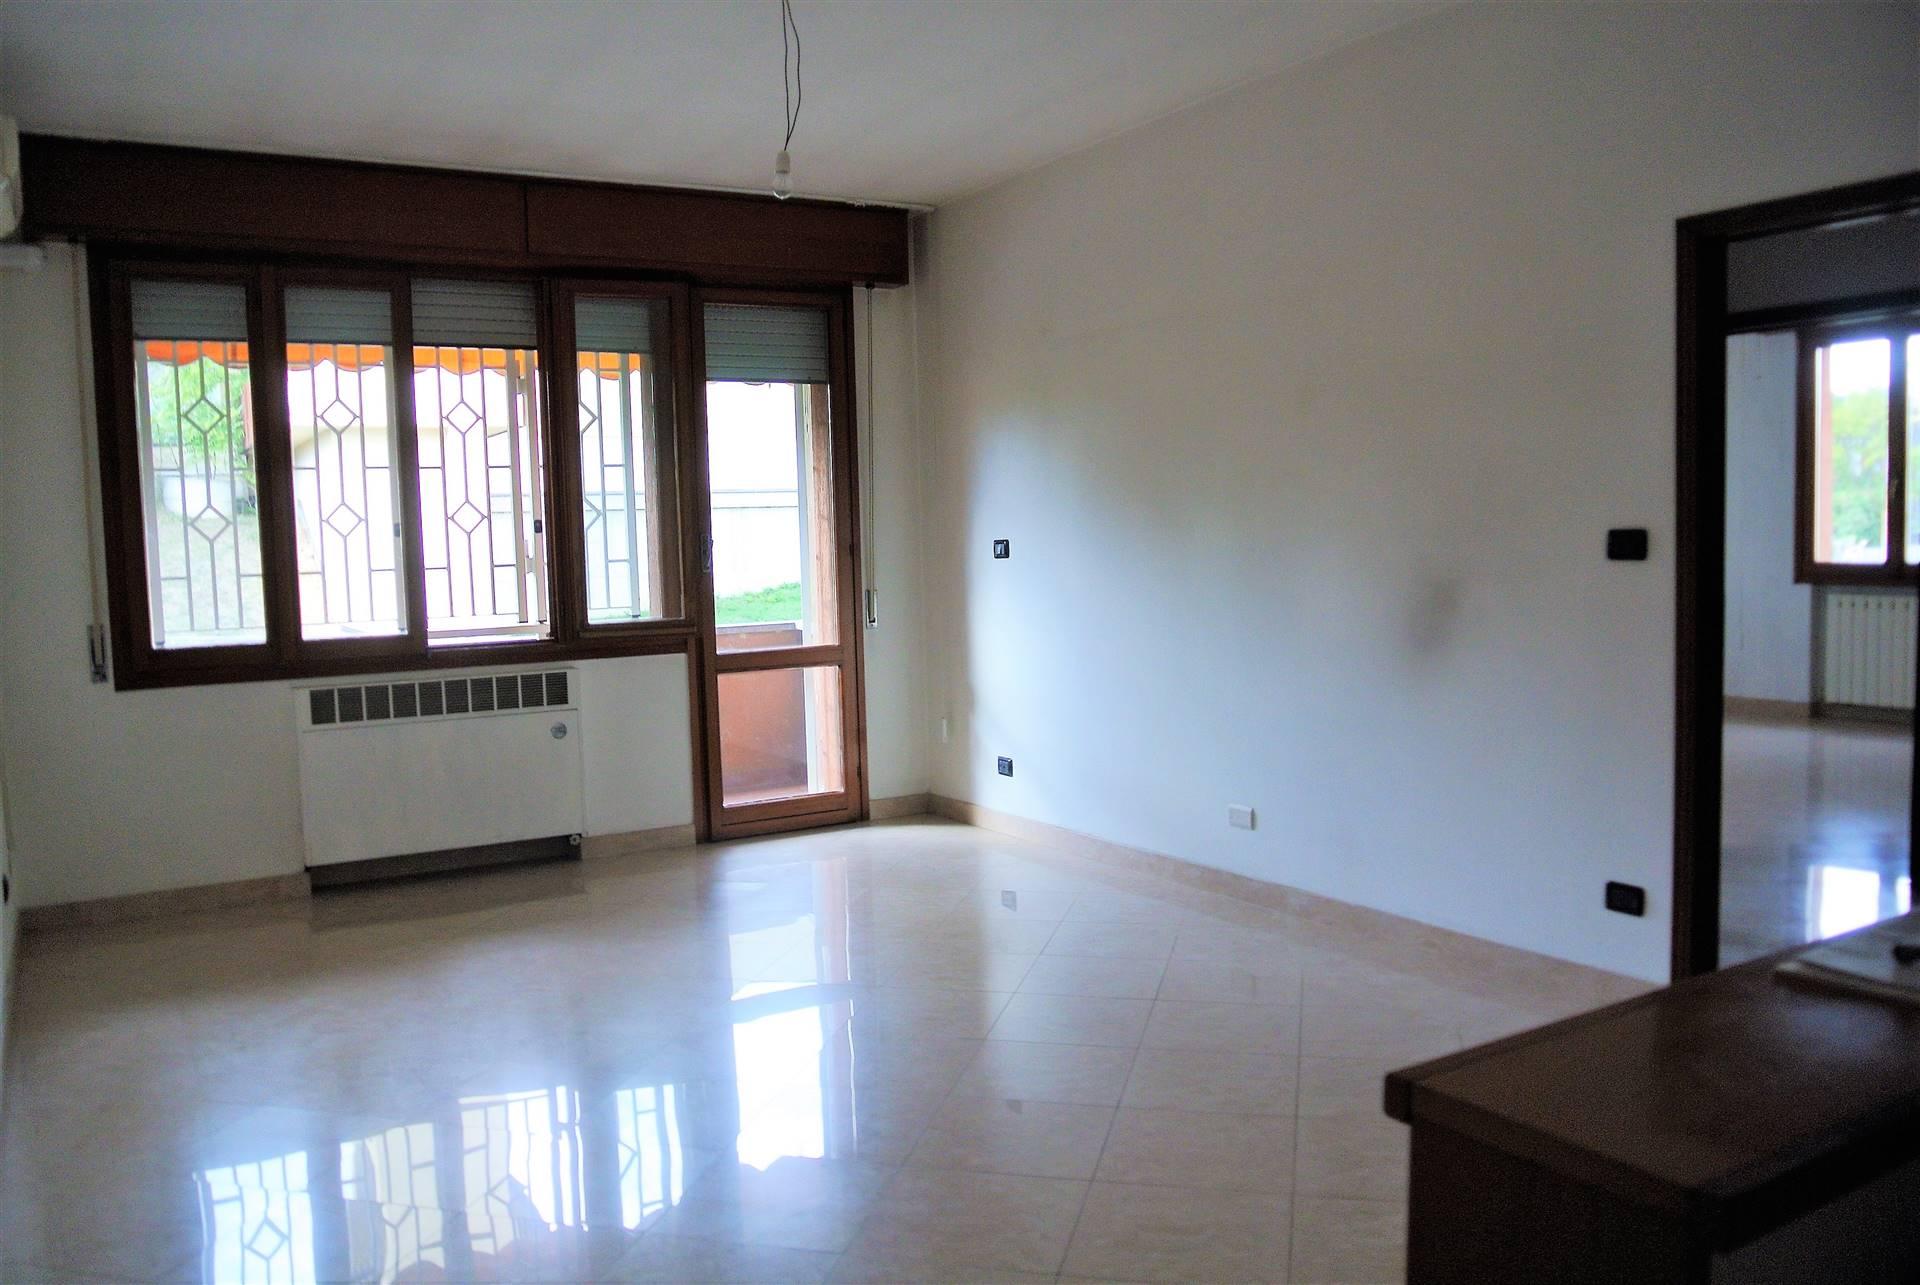 Appartamento in vendita a Sasso Marconi, 4 locali, zona Località: BORGONUOVO, prezzo € 230.000 | PortaleAgenzieImmobiliari.it